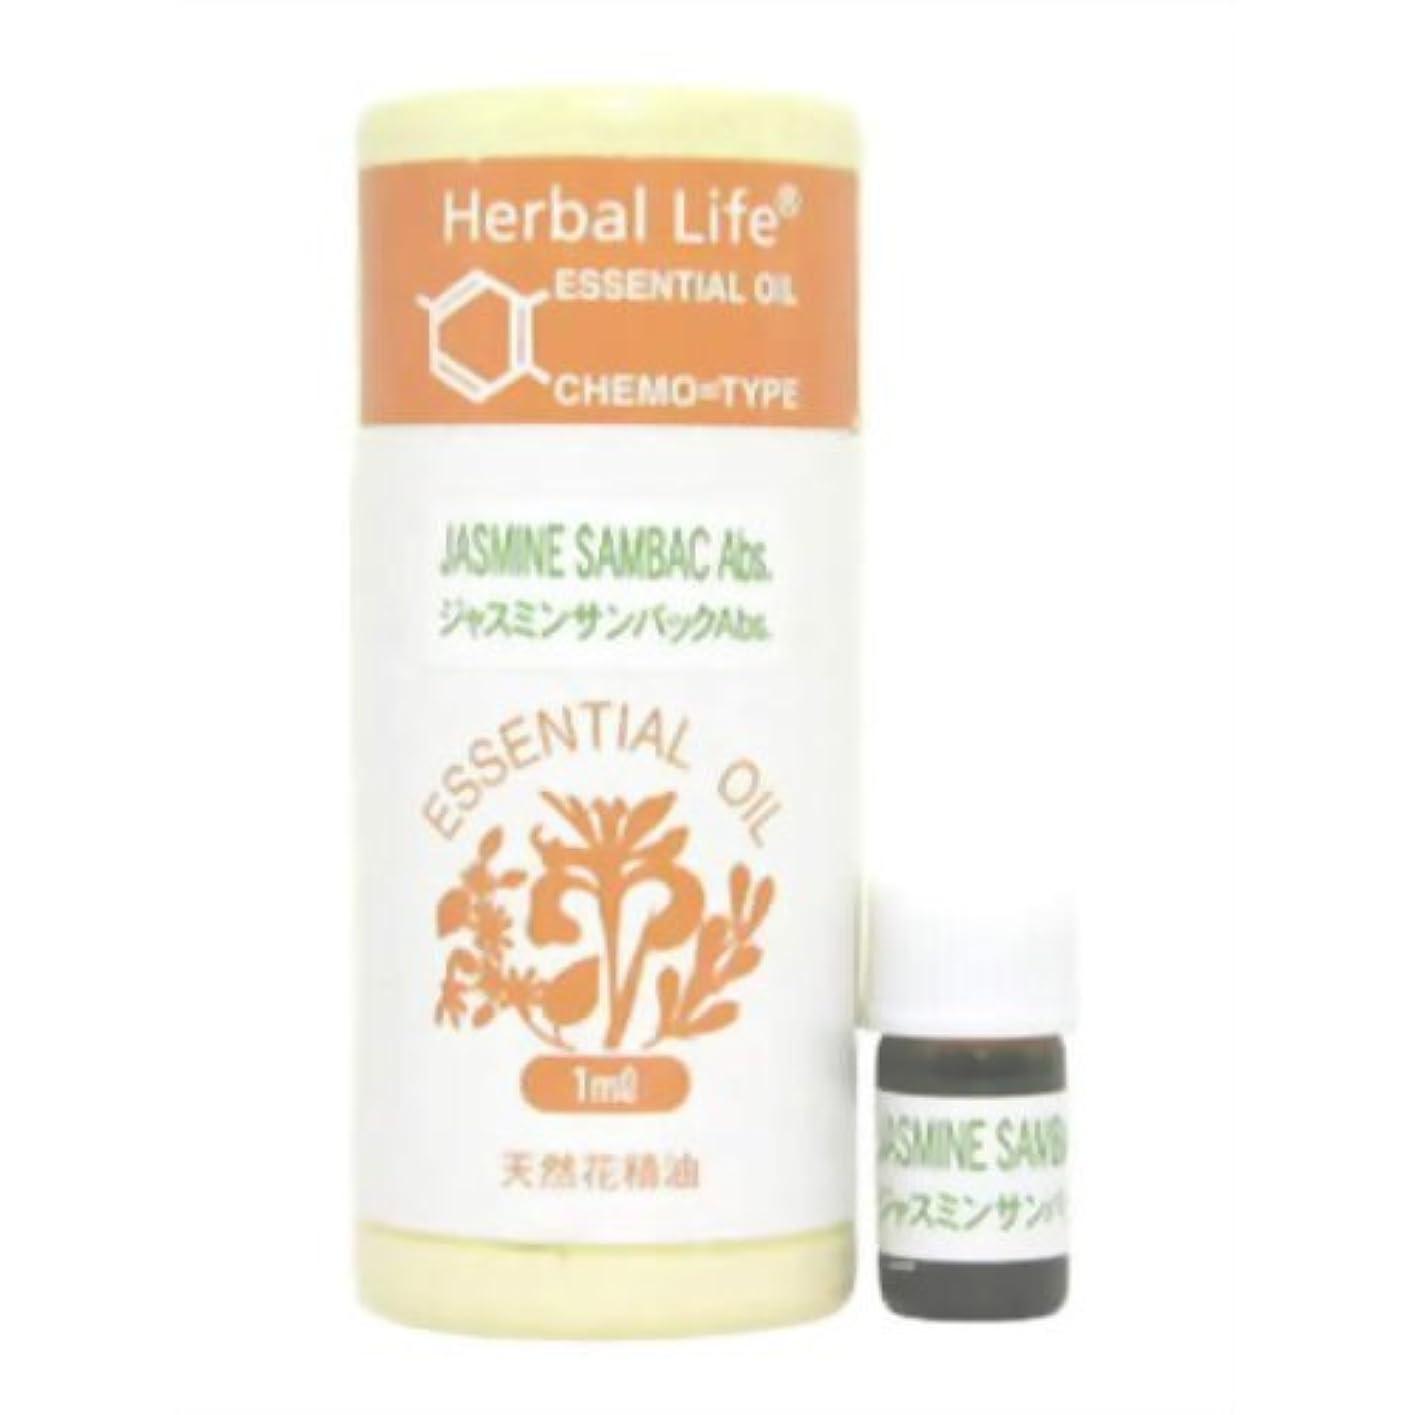 居住者緑用心深い生活の木 Herbal Life ジャスミンサンバックAbs 1ml